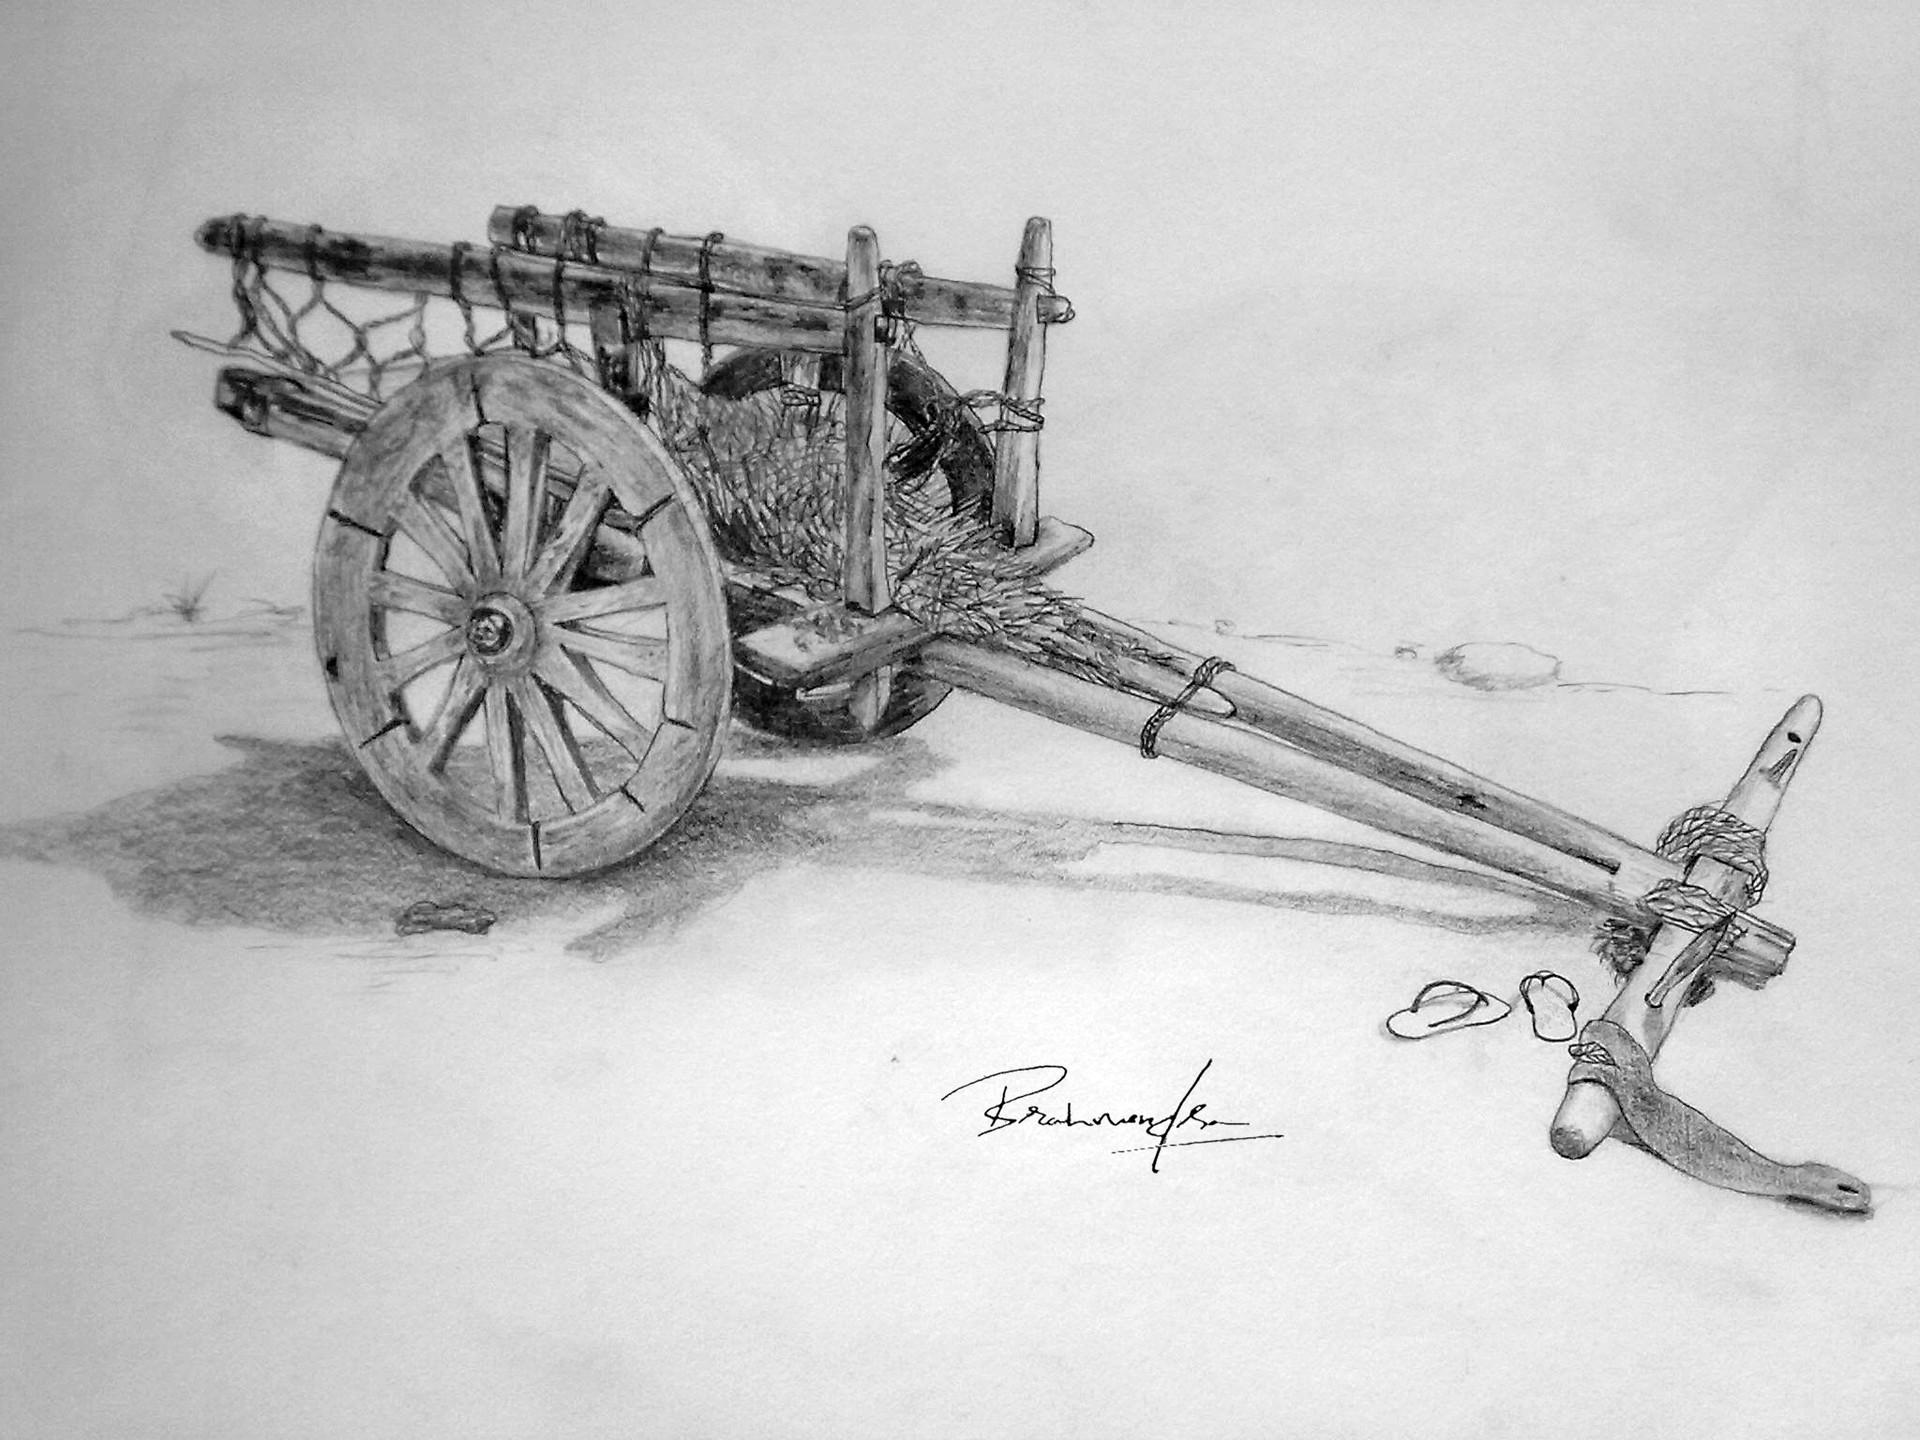 Lakshmiraju brahmendra bullock cart